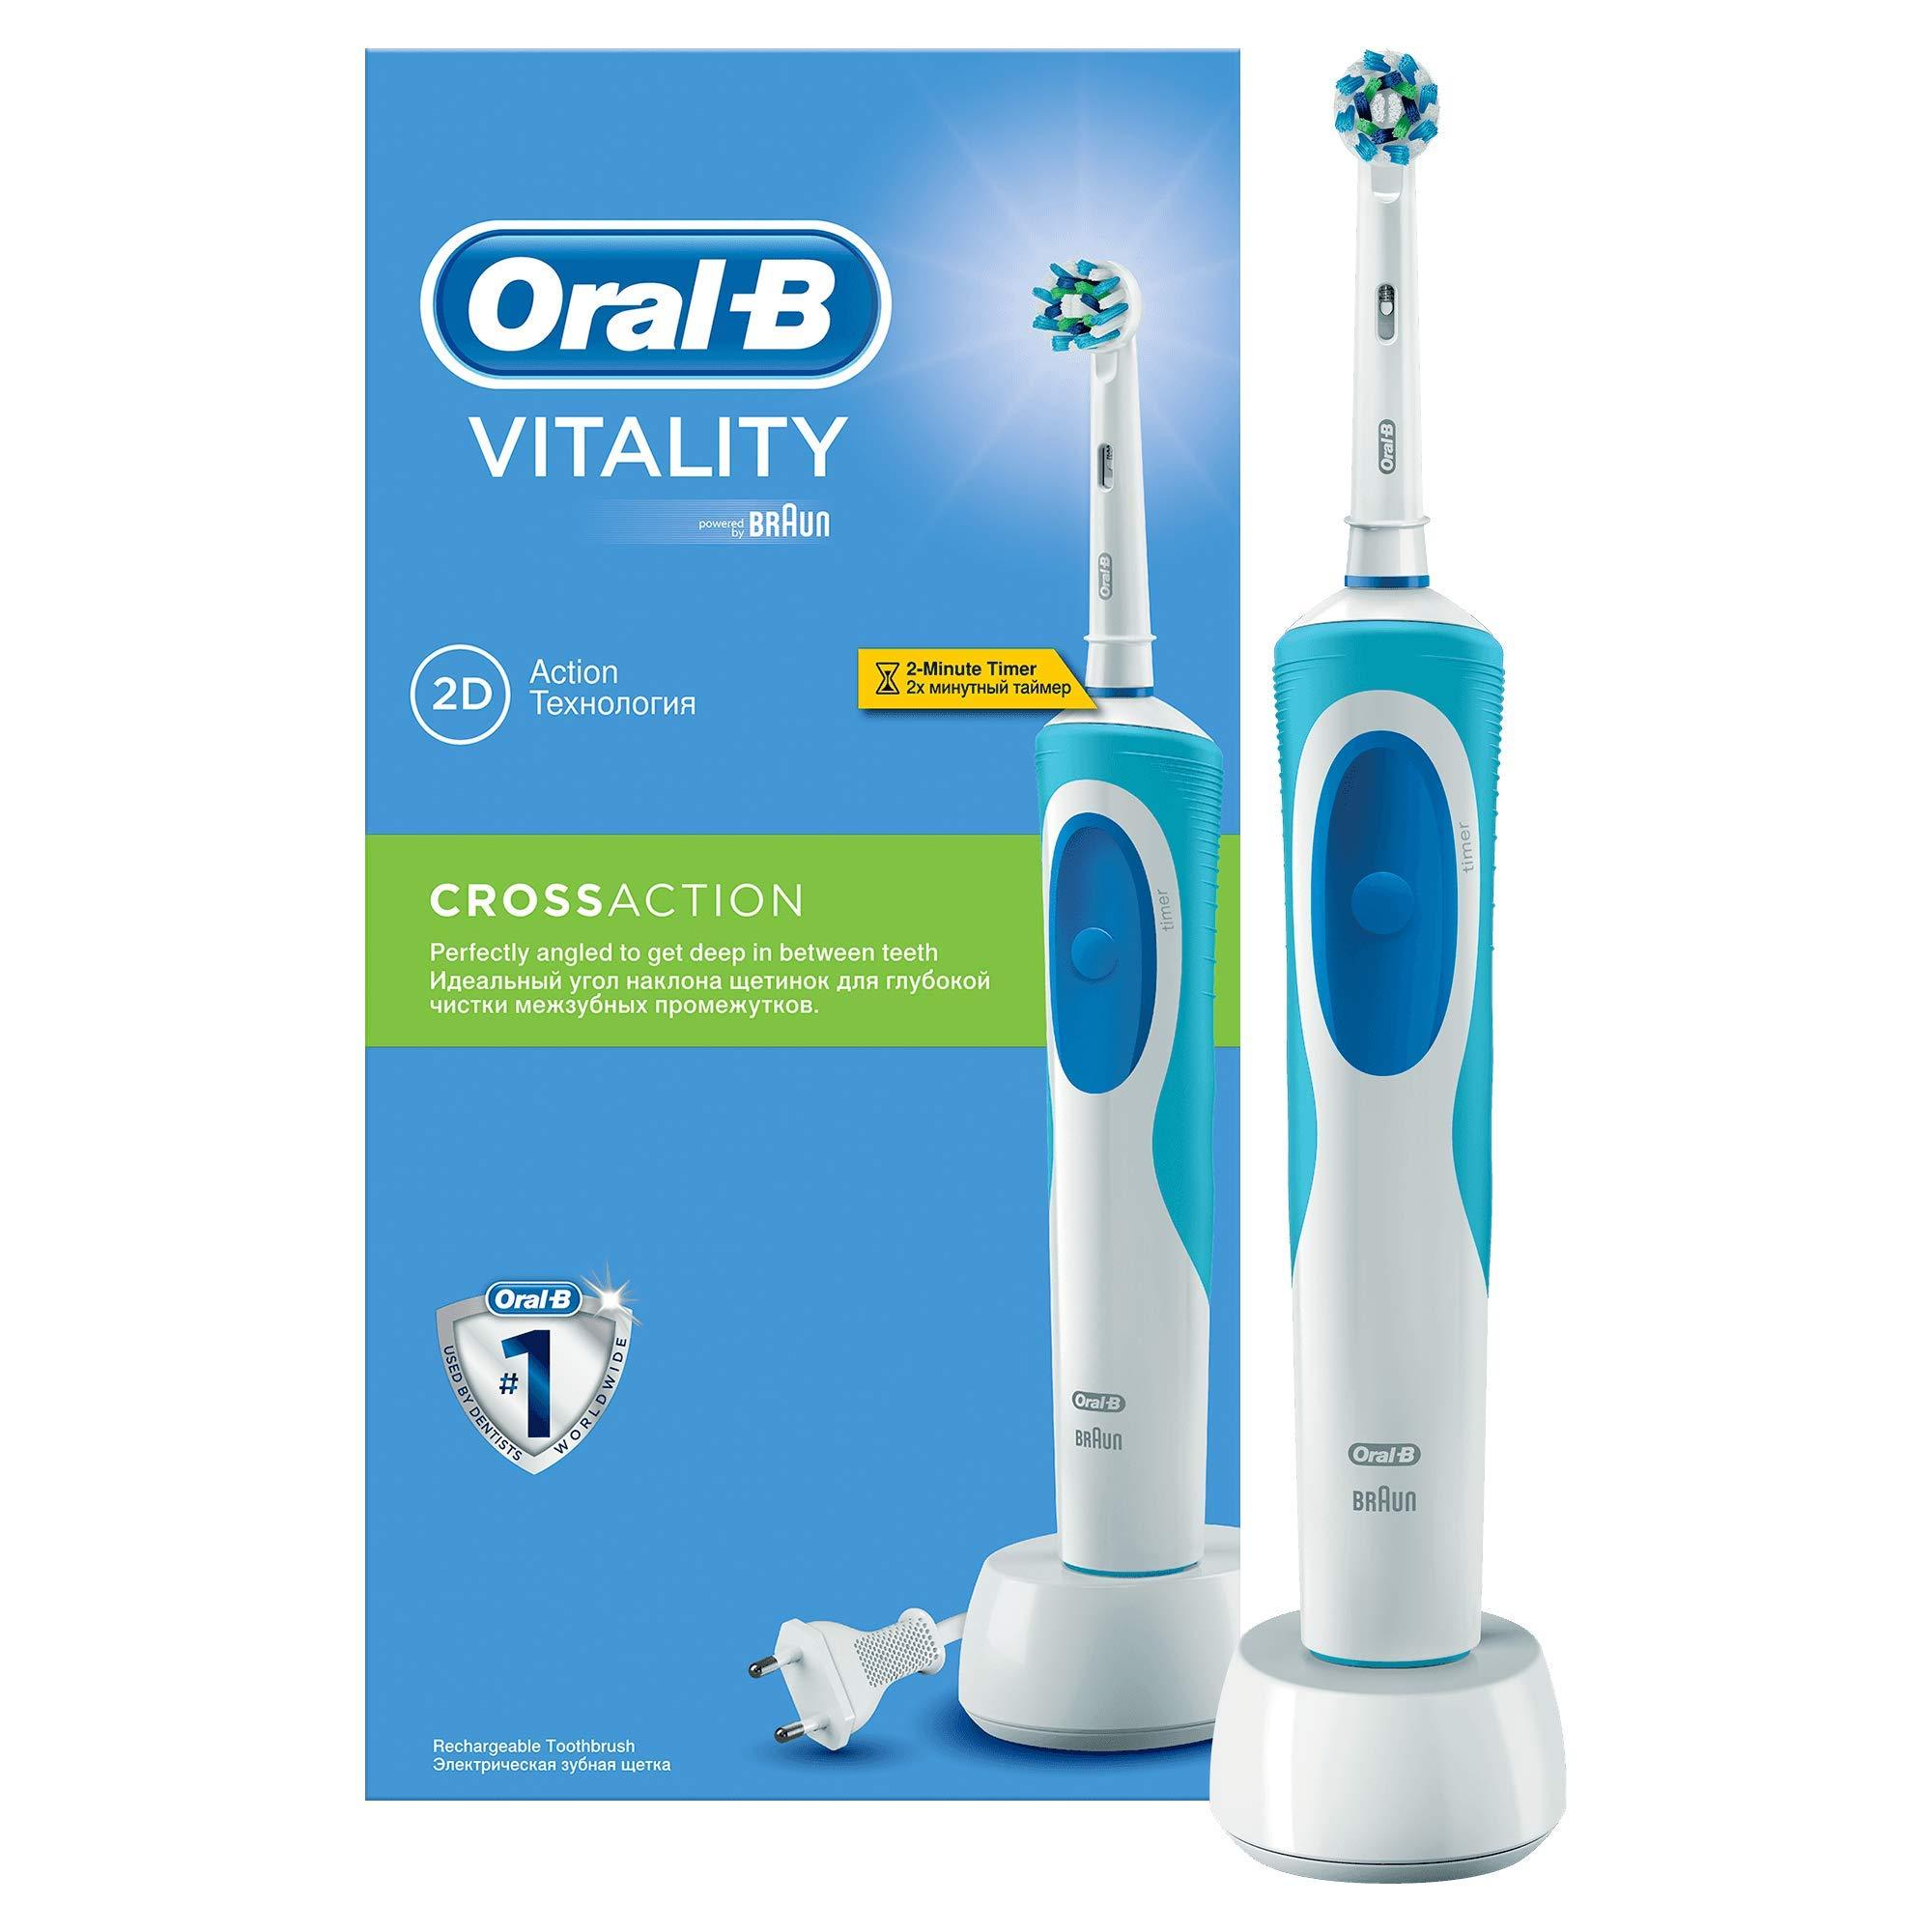 Oral-B Vitality, Cepillo De Dientes Eléctrico, CrossAction product image